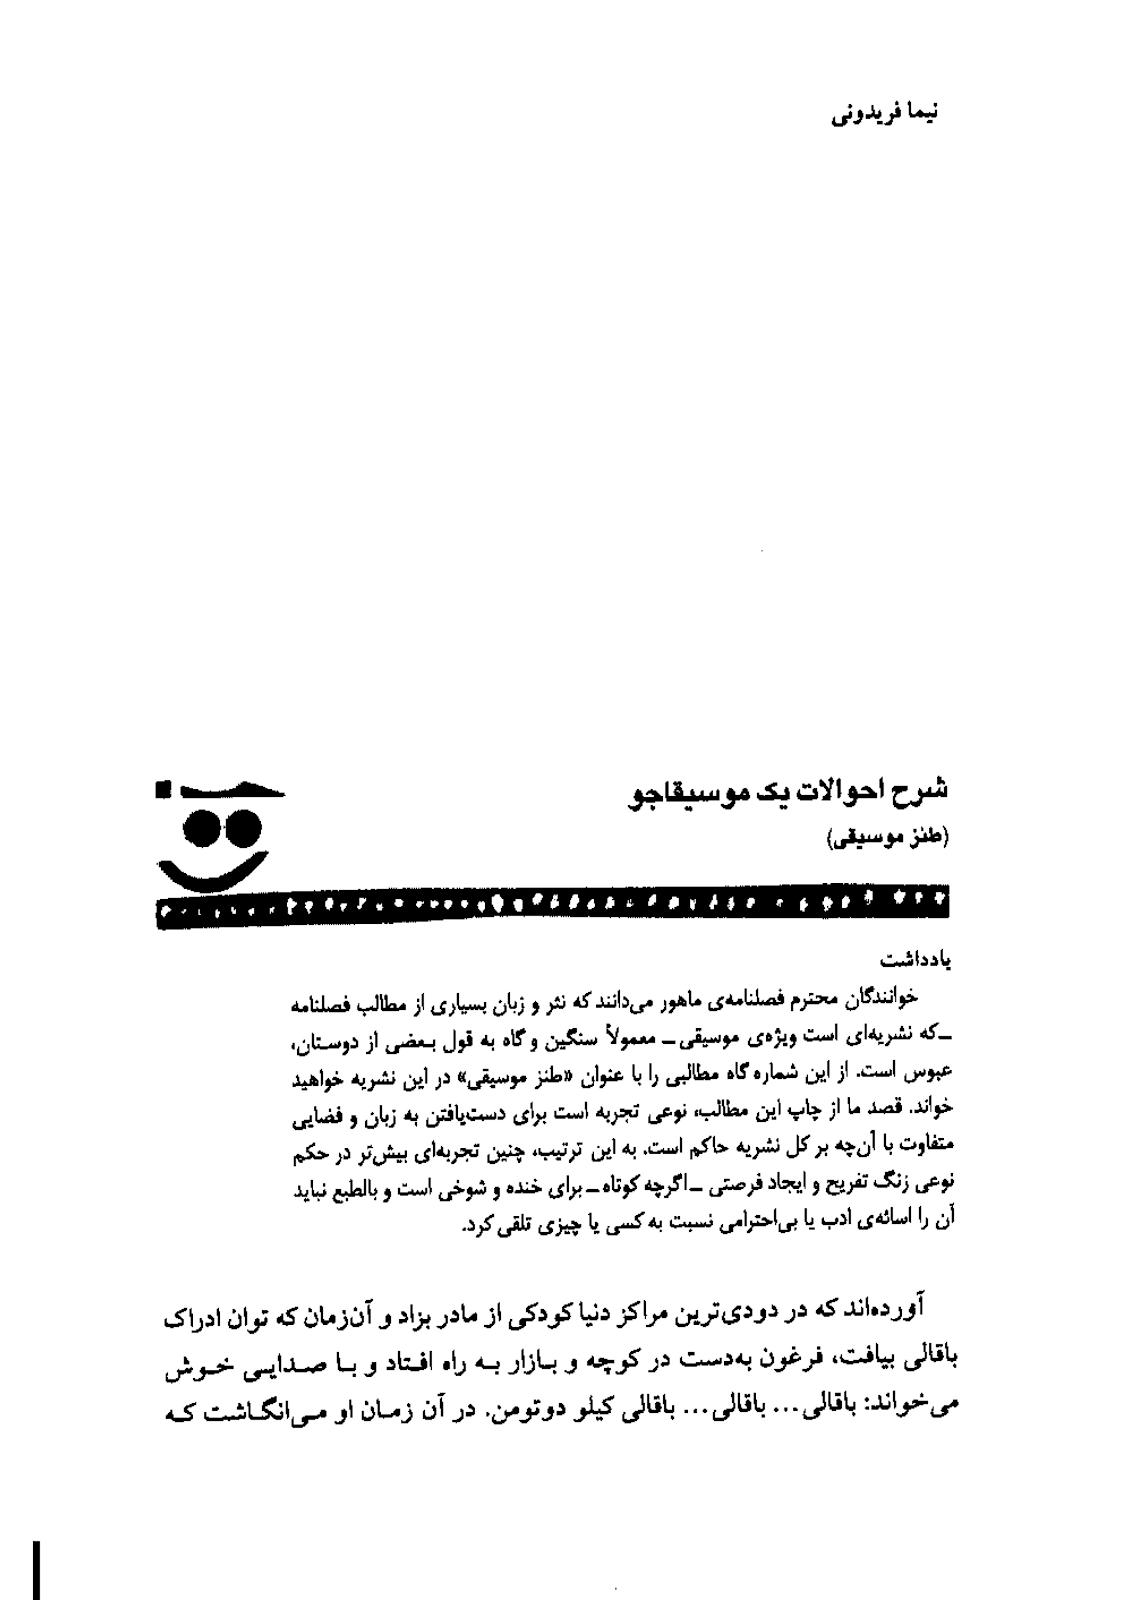 دانلود پیدیاف مقالهی طنز موسیقایی شرح احوالات خواجوی موسیقاجو نوشتهی نیما فریدونی